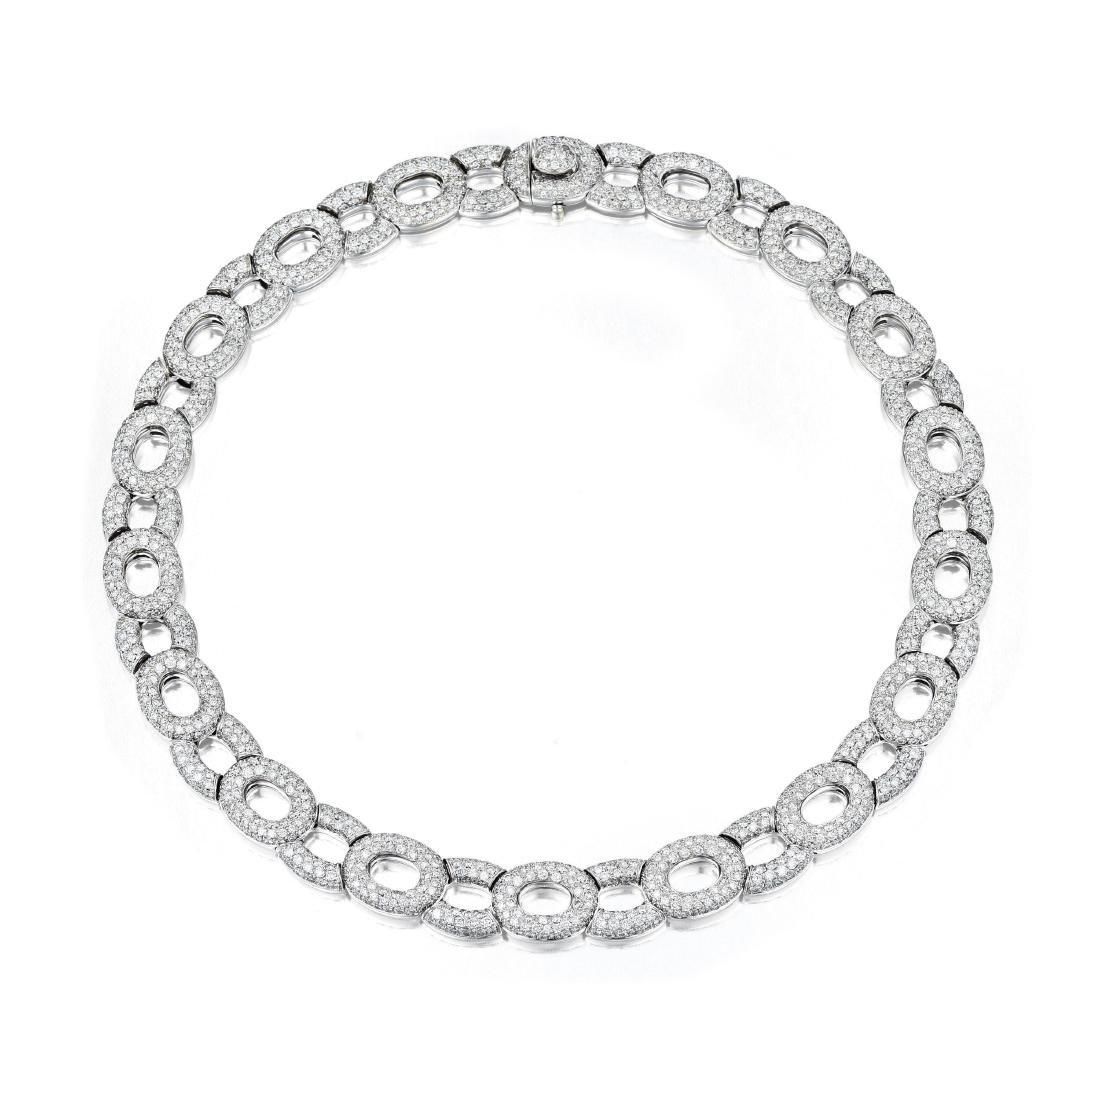 Valente Diamond Pave Link Necklace